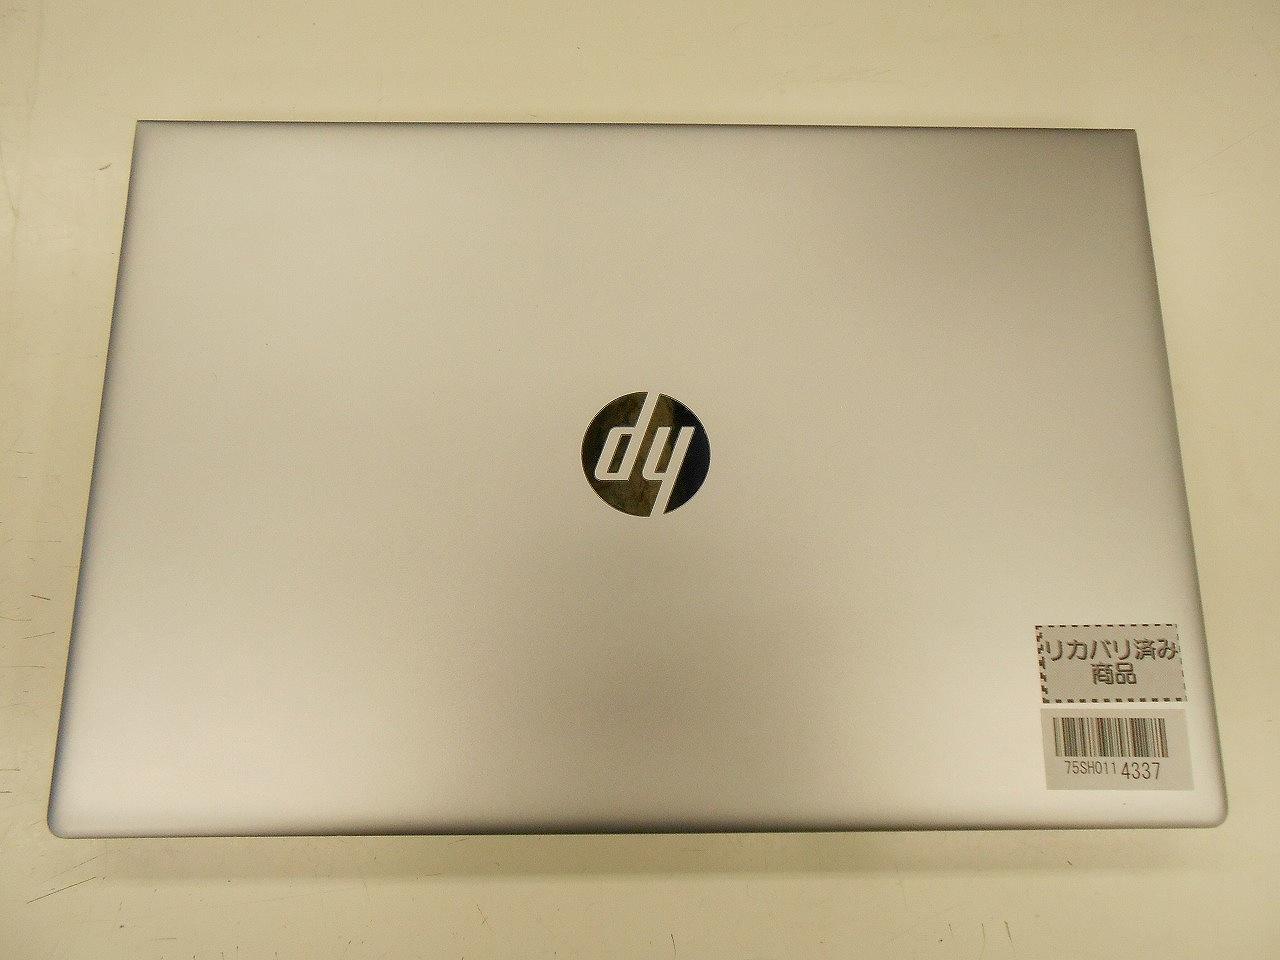 【中古】HP ProBook 650 G4/2018年モデル/Corei7 8550U 1.8GHz/メモリ8GB/SSD256GB/15インチ/Windows10Pro【3ヶ月保証】